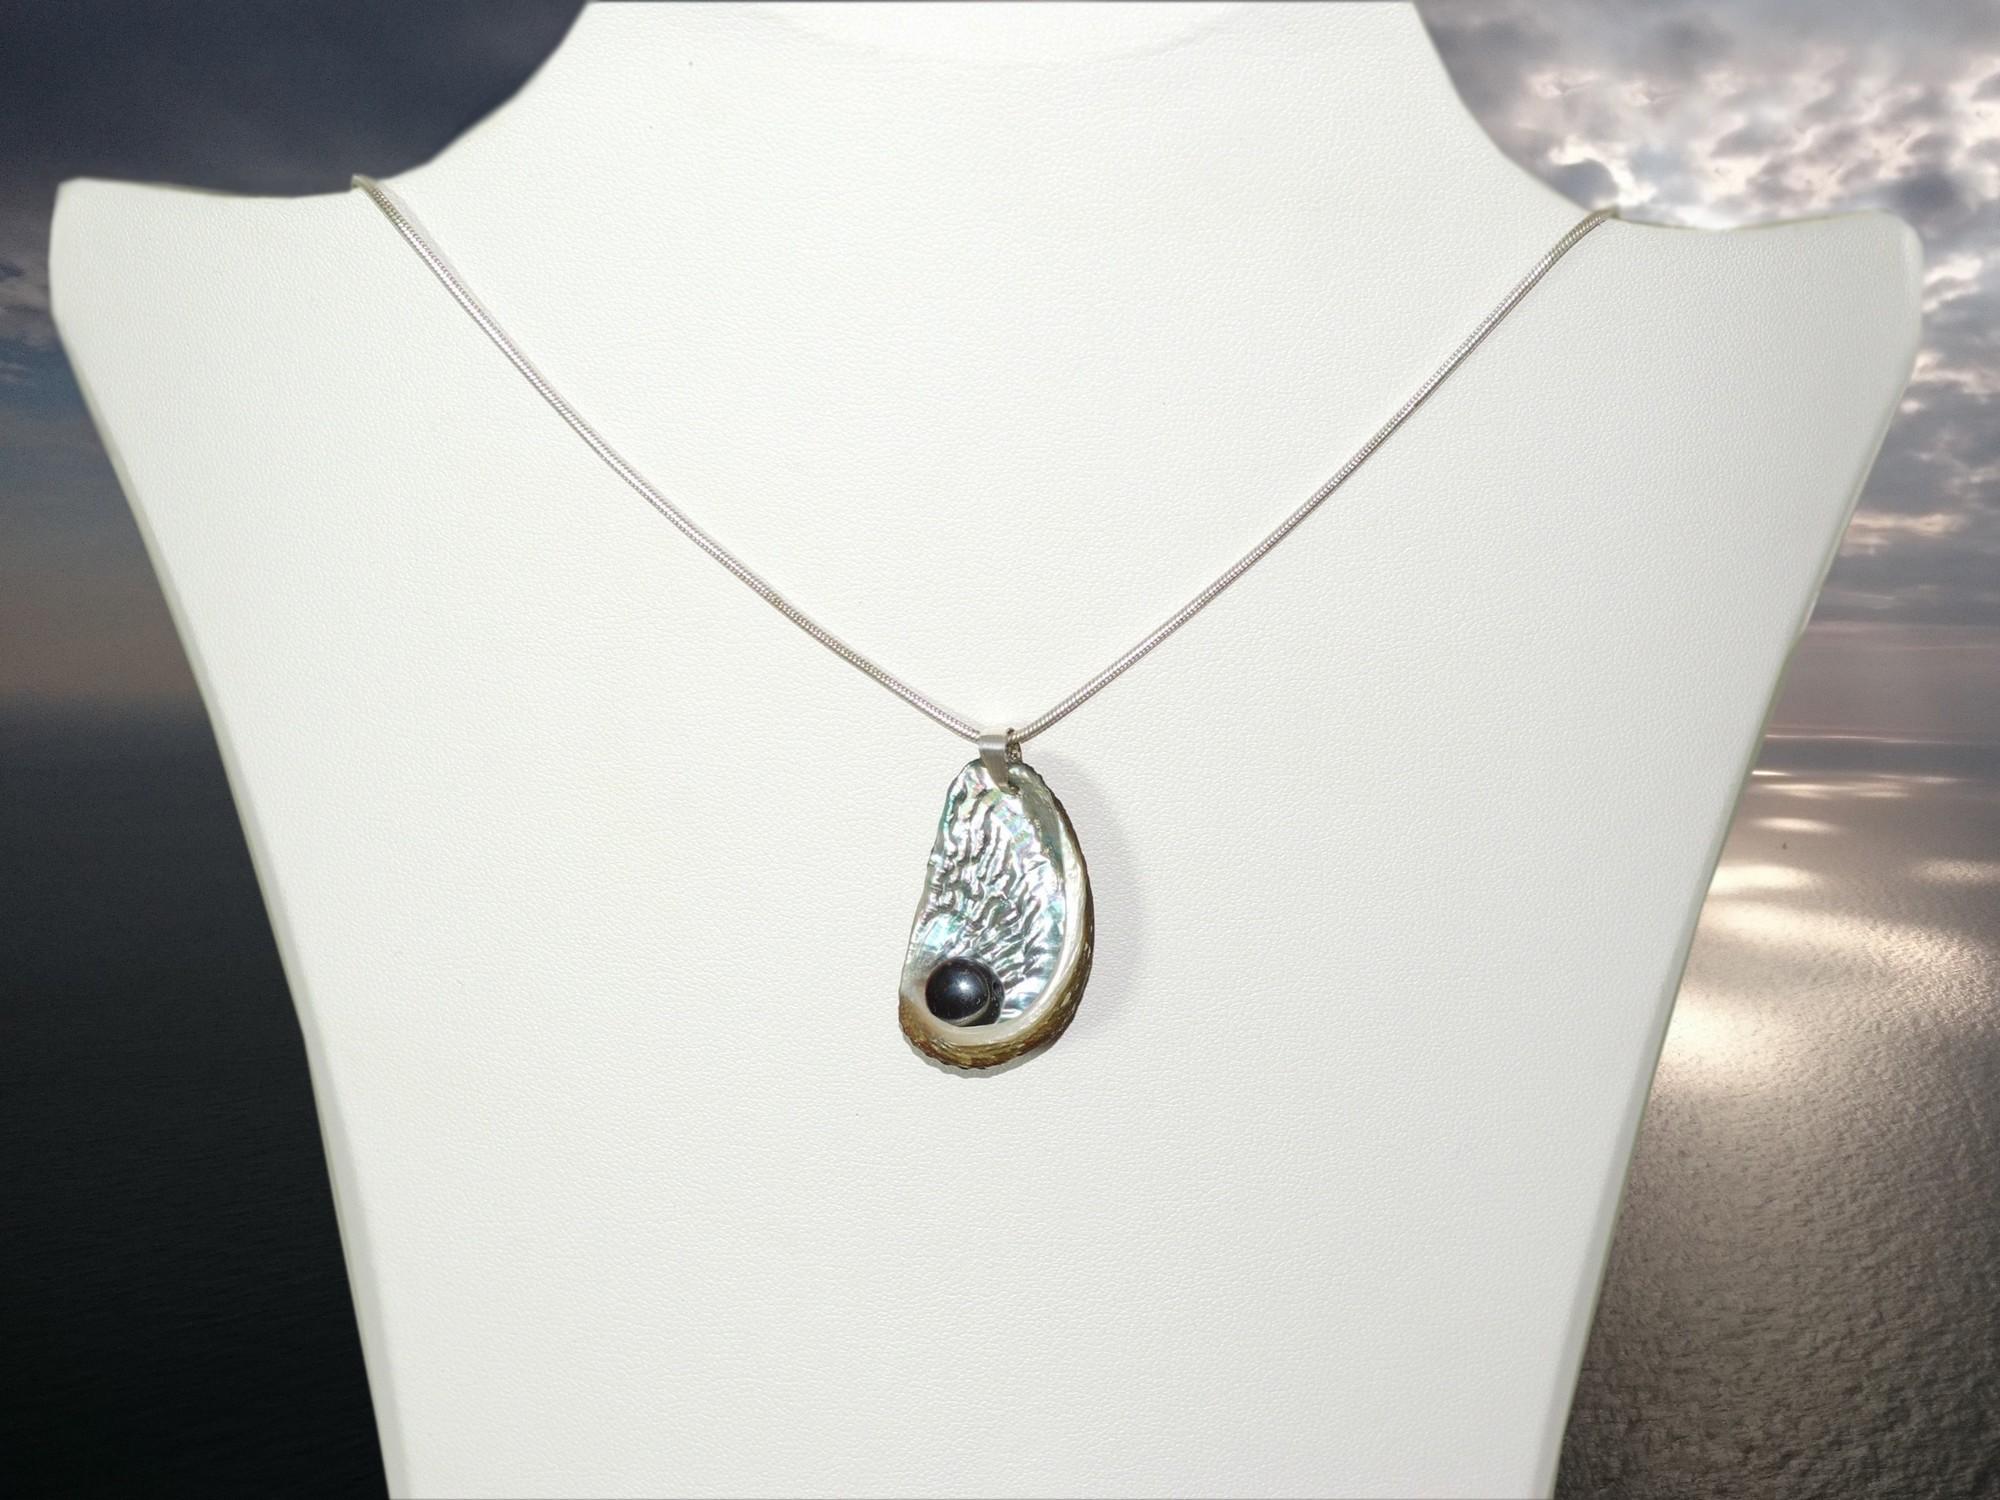 collier argenté : chaine et coquillage à la nacre argentée brillante